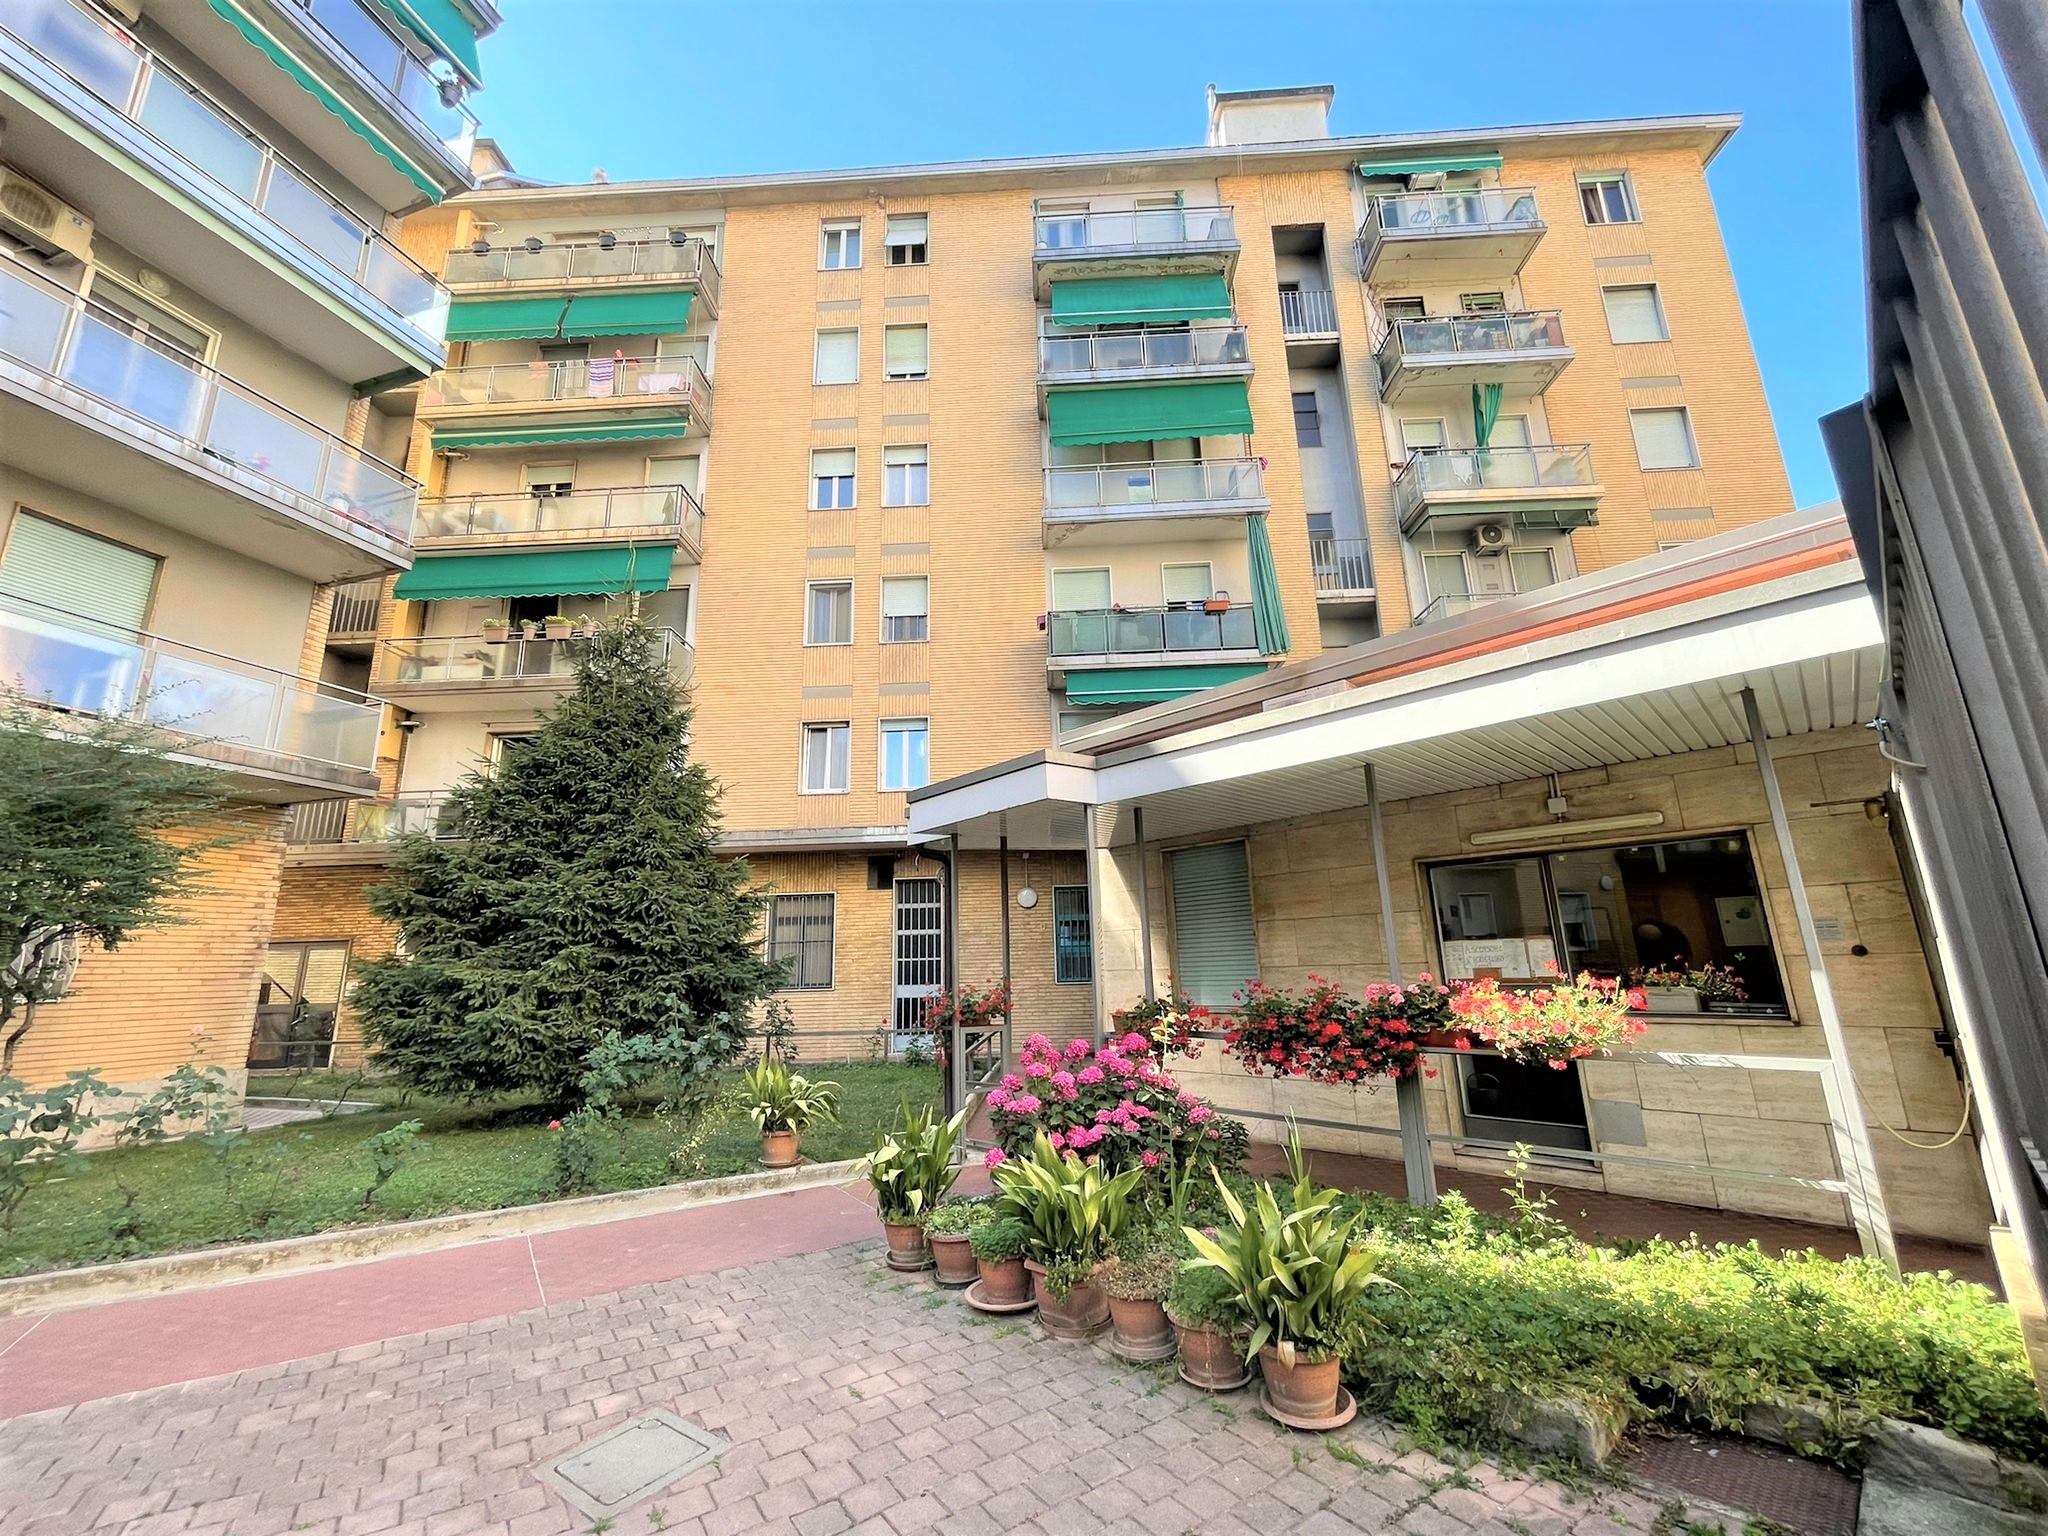 Bilocale con cucina abitabile sito all' ultimo piano in zona centrale a Cinisello Balsamo